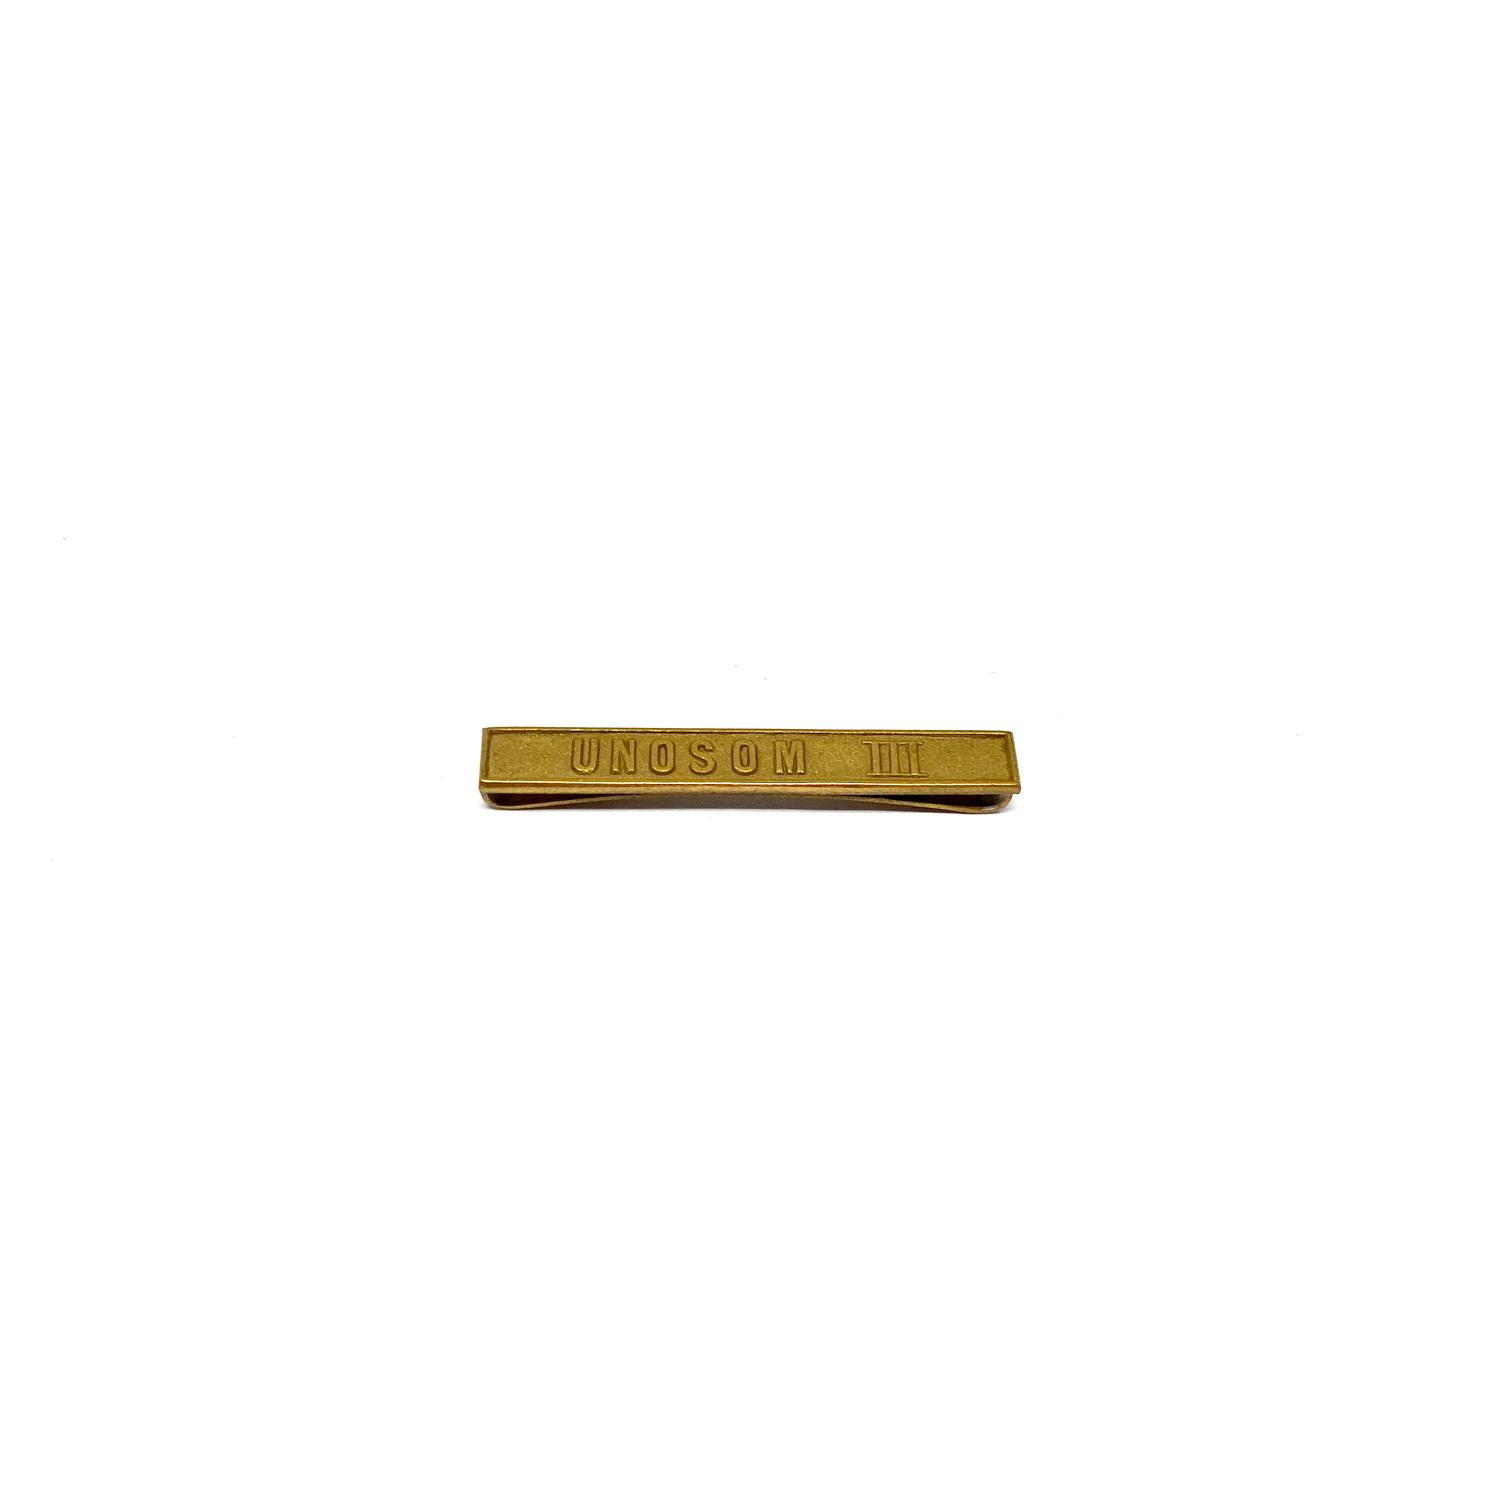 Barrette Unosom III pour décorations militaires